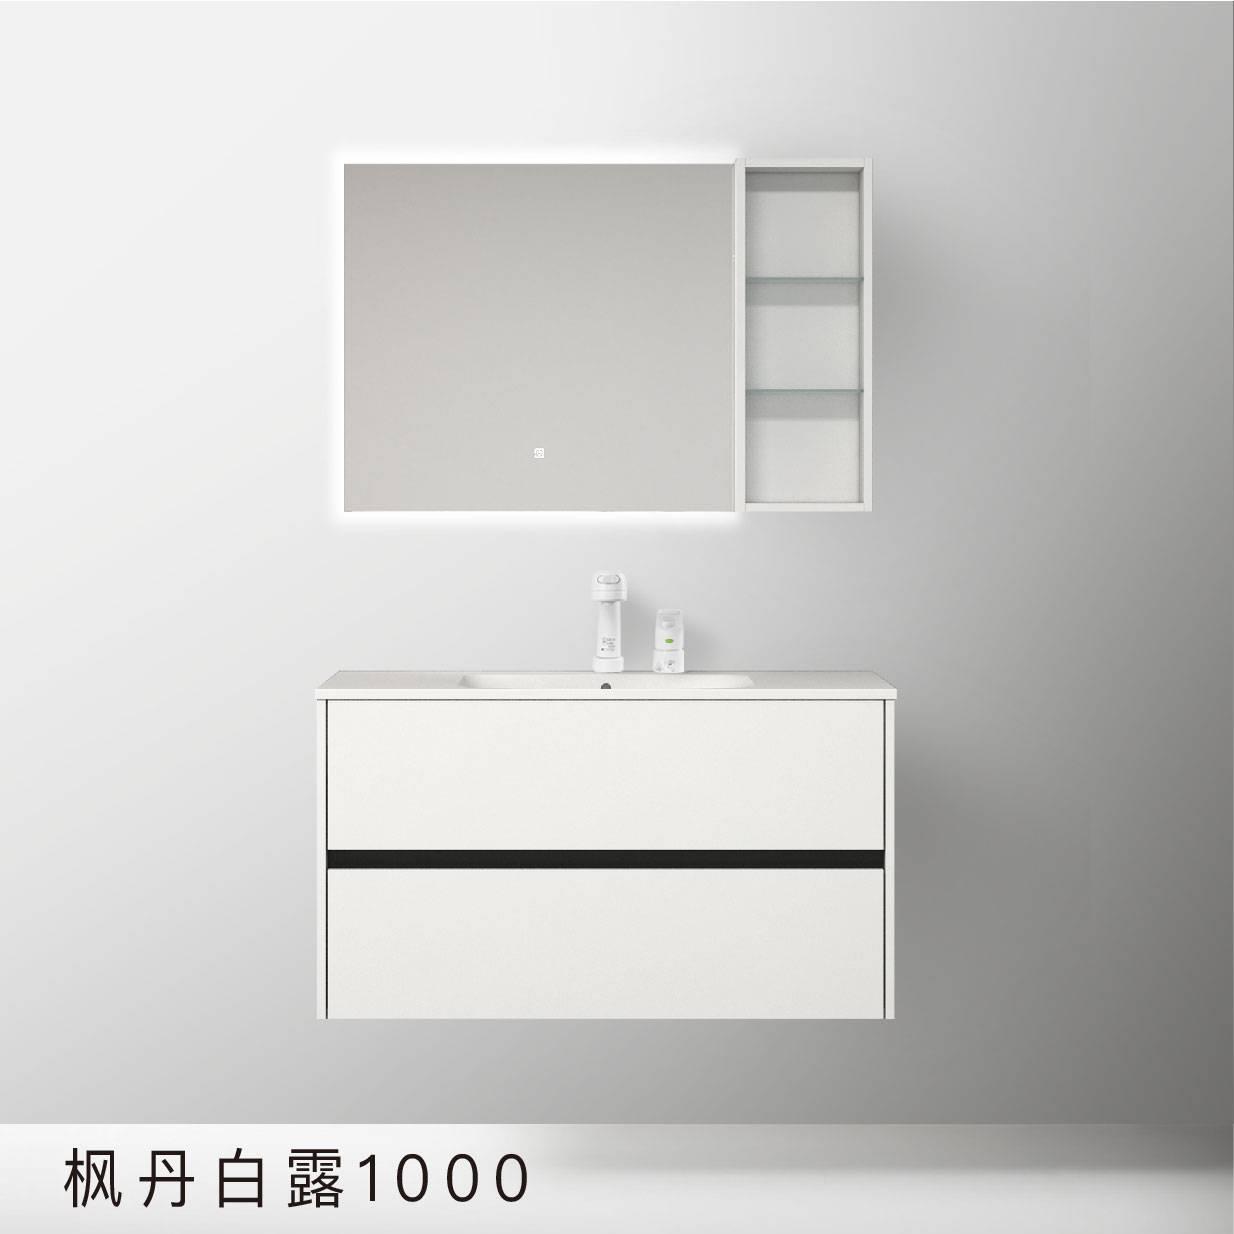 水鹿新款浴室柜-枫丹白露(购买浴室柜不含龙头和下水)